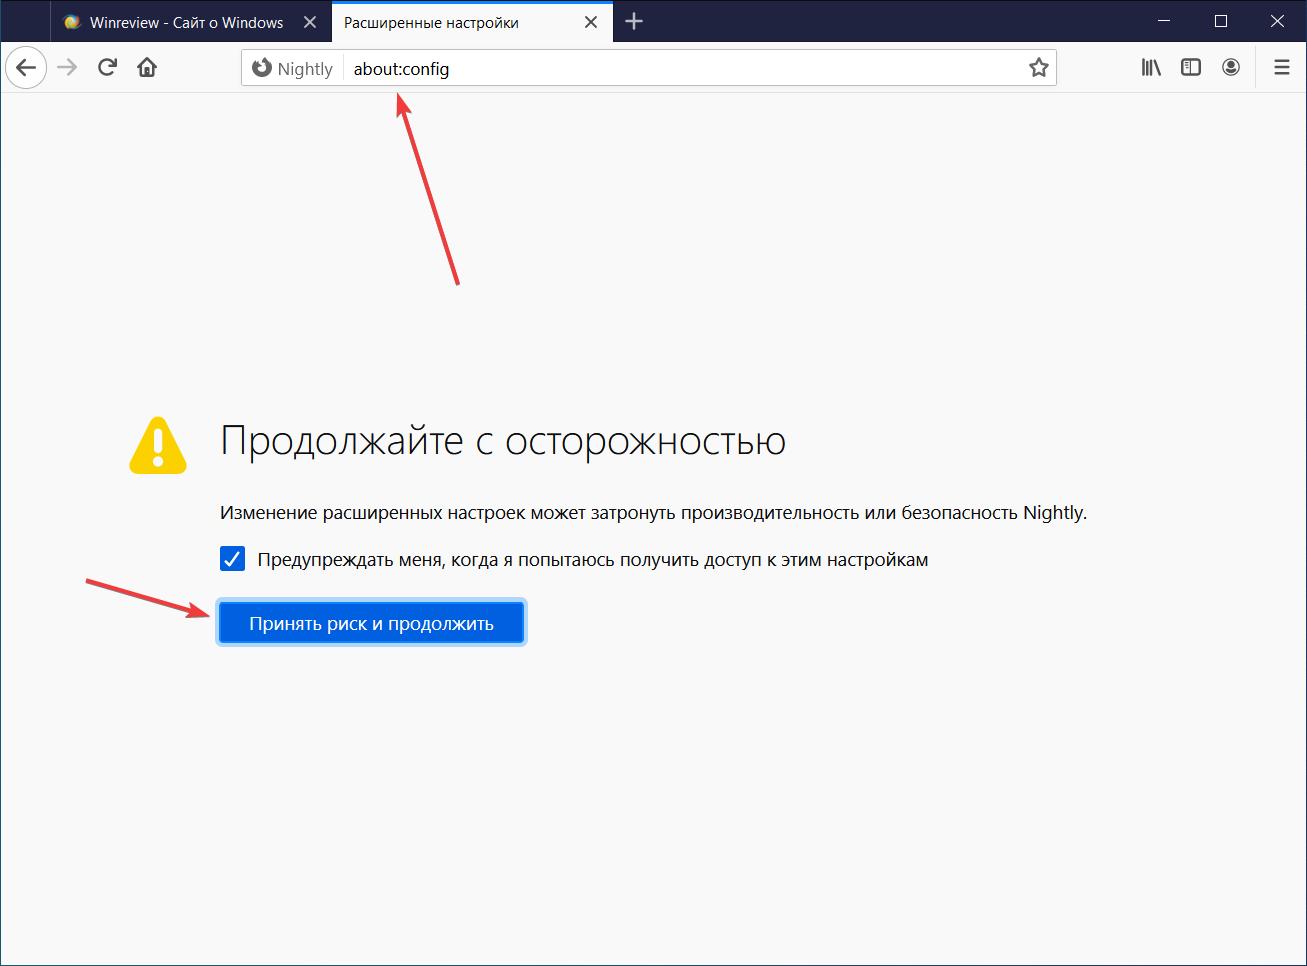 Firefox Принять риск и продолжить в about:config